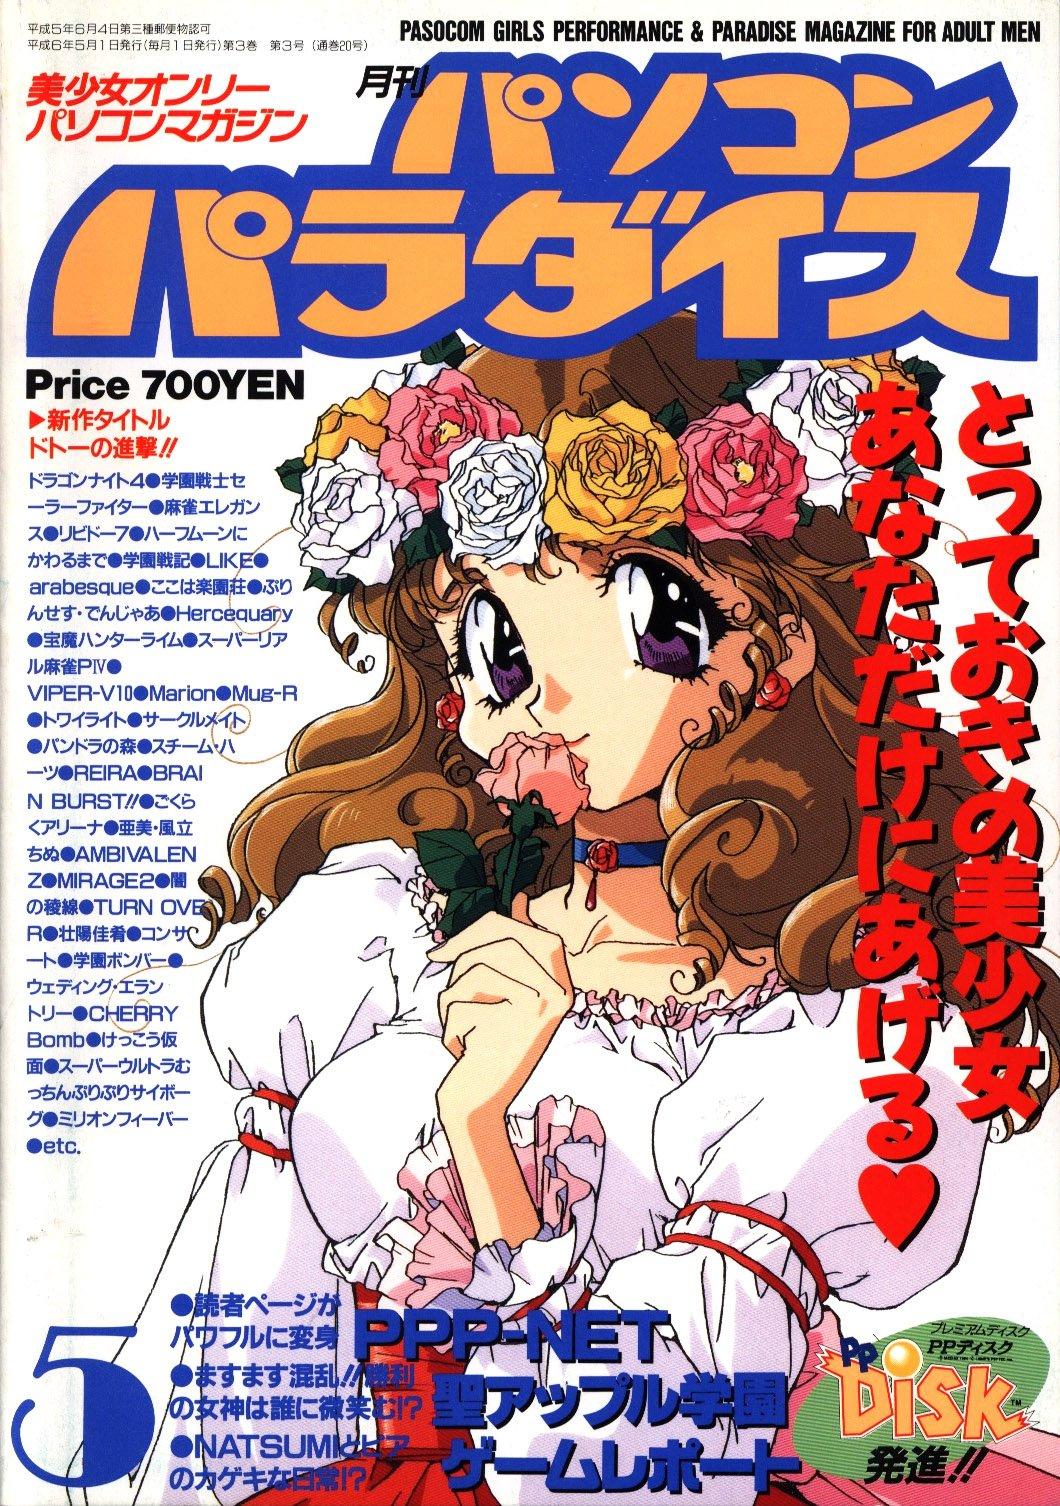 Pasocom Paradise Vol.024 (May 1994)